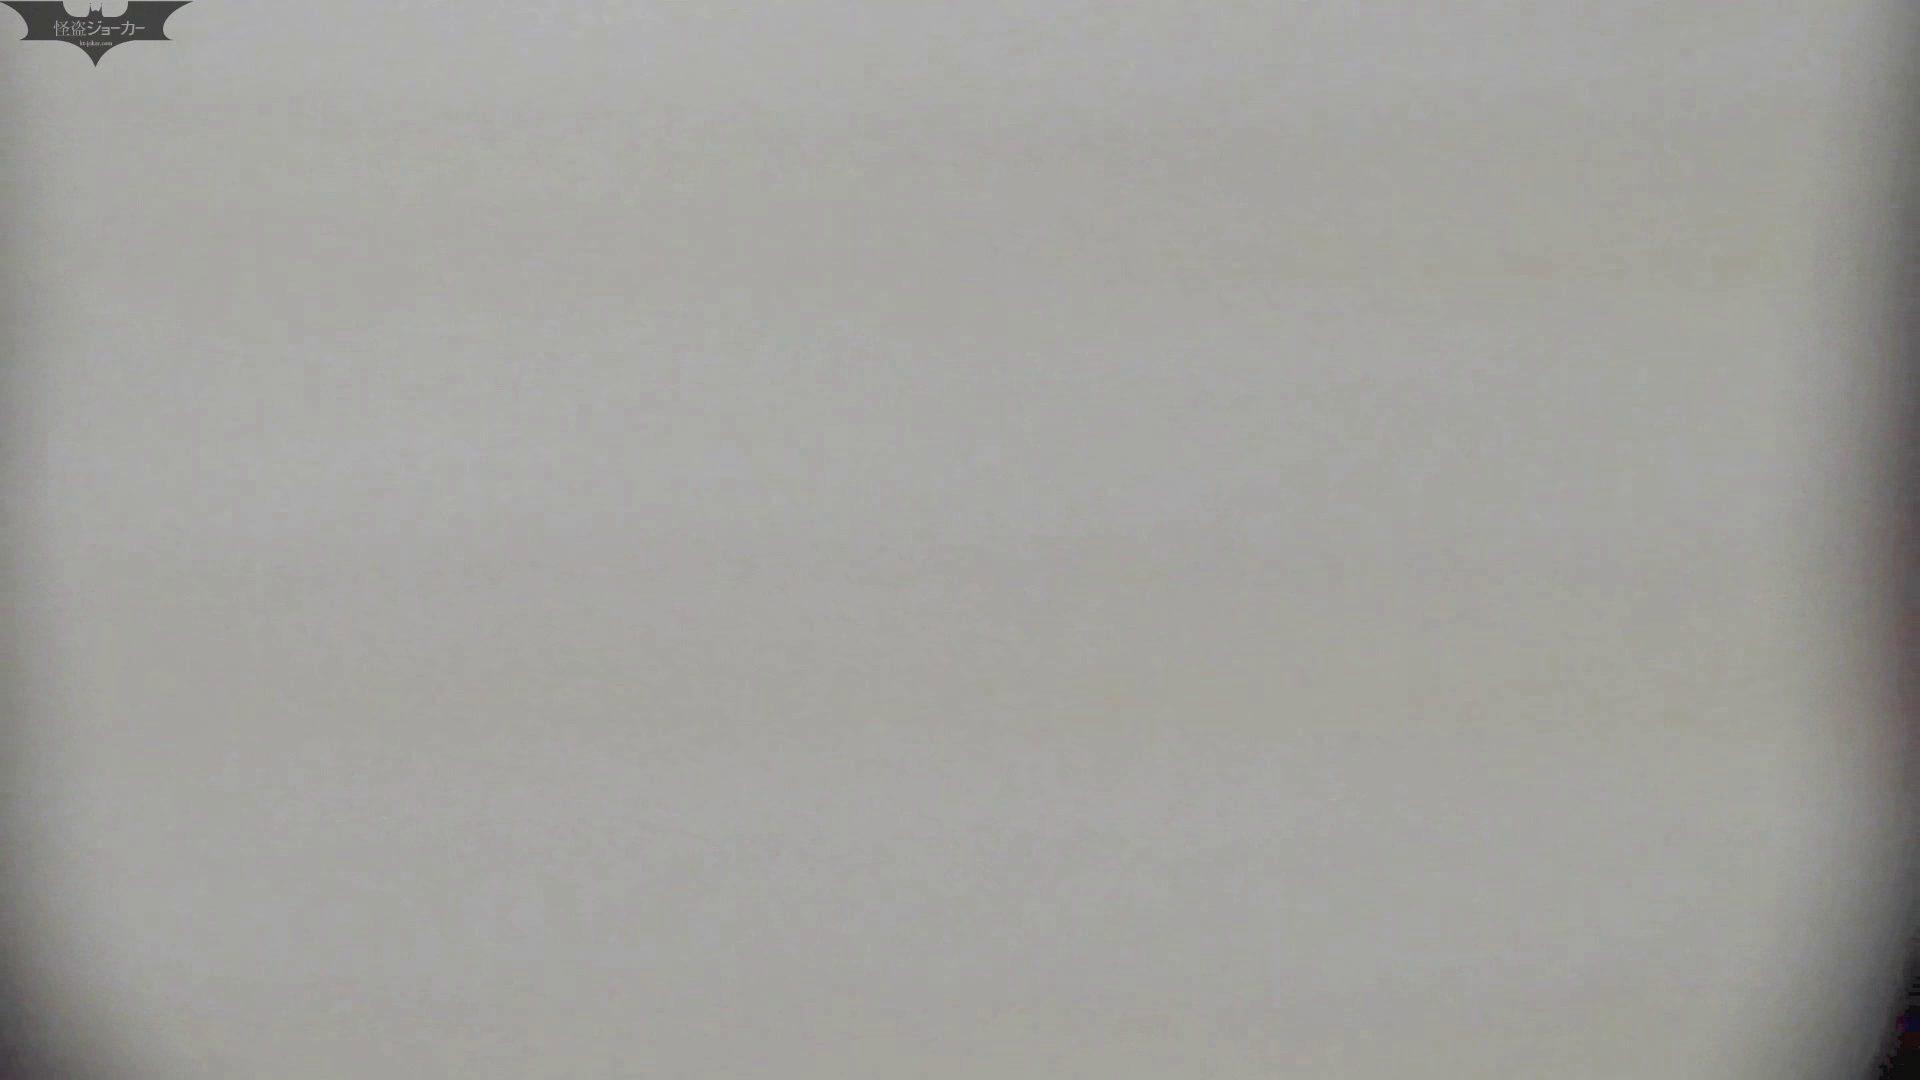 洗面所特攻隊 vol.57過食症に悩む美女 OLのボディ ワレメ動画紹介 51PIX 26